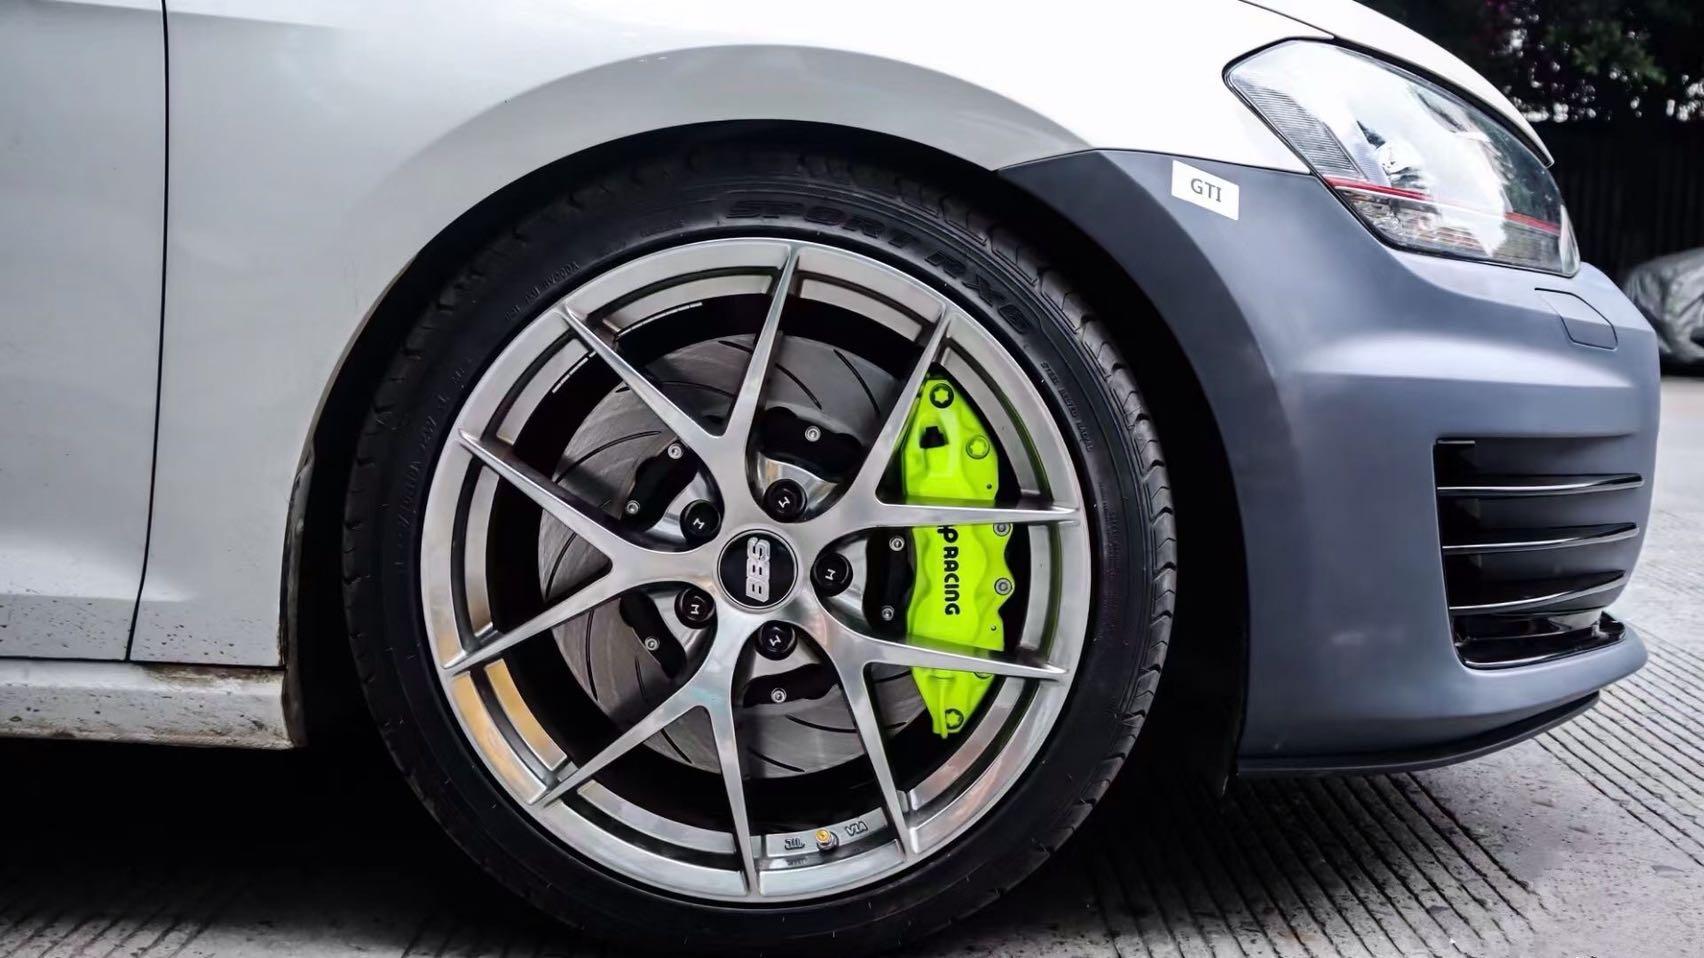 高尔夫GTI刹车升级AP9040大六活塞卡钳,荧光绿骚气逼人